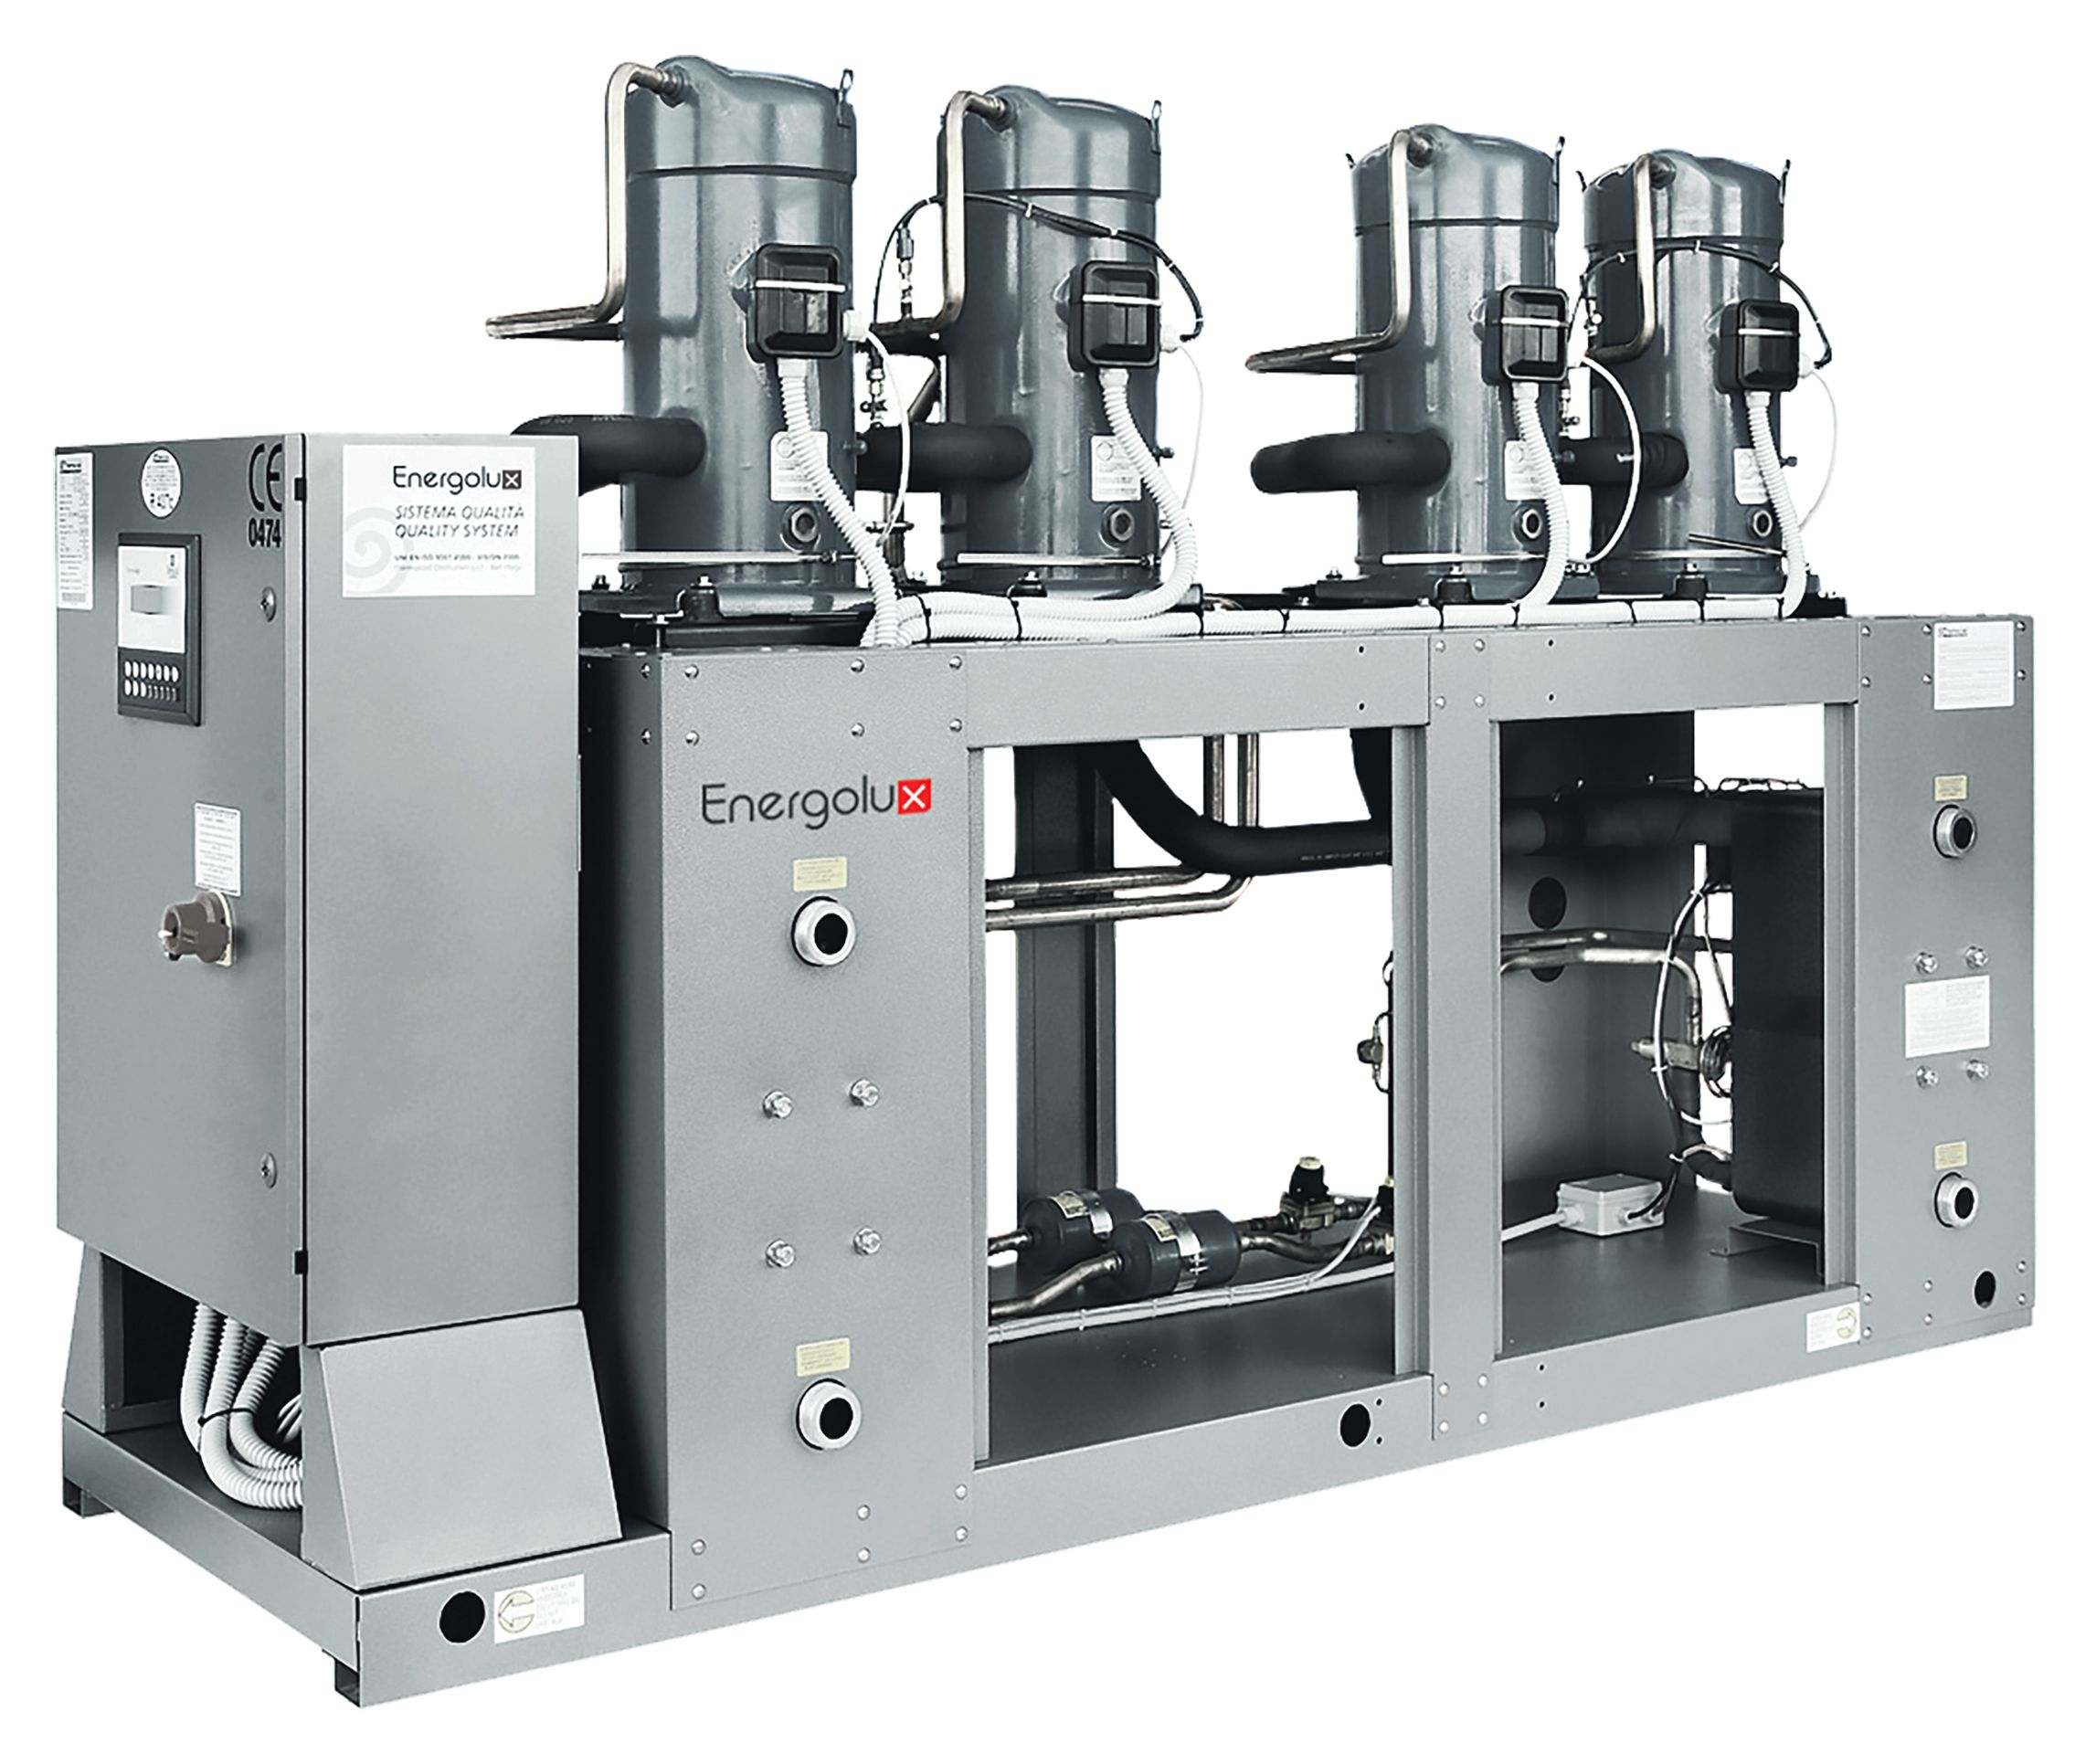 Energolux SCWW-T 1250 Z